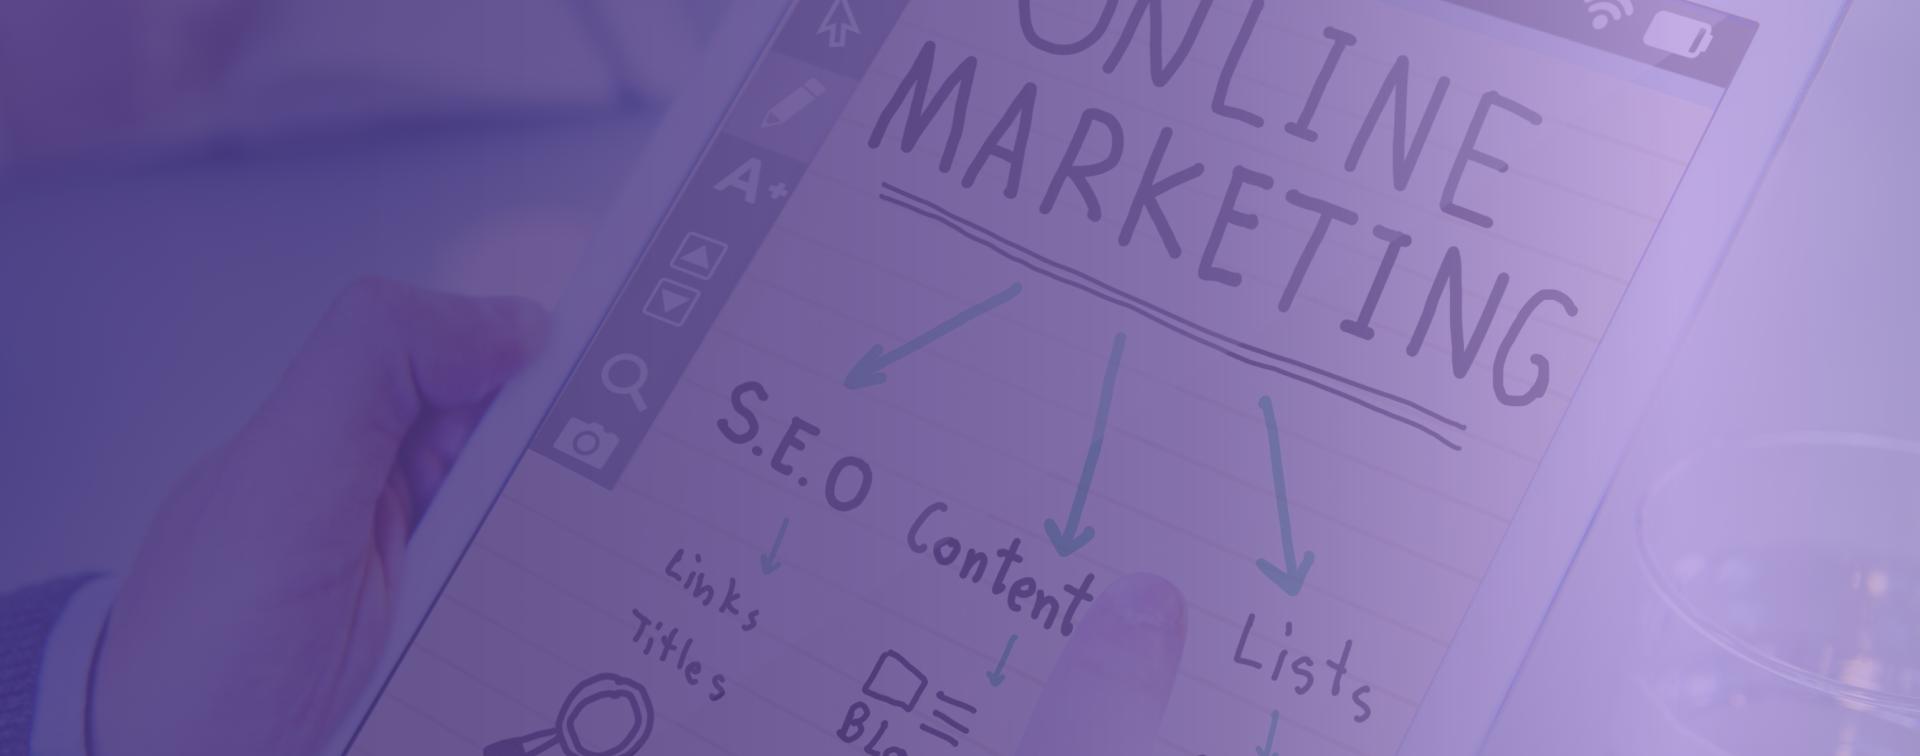 blog-solucionweb-estrategias-de-marketing-digital-que-debo-utilizar-para-mi-negocio-siete.png